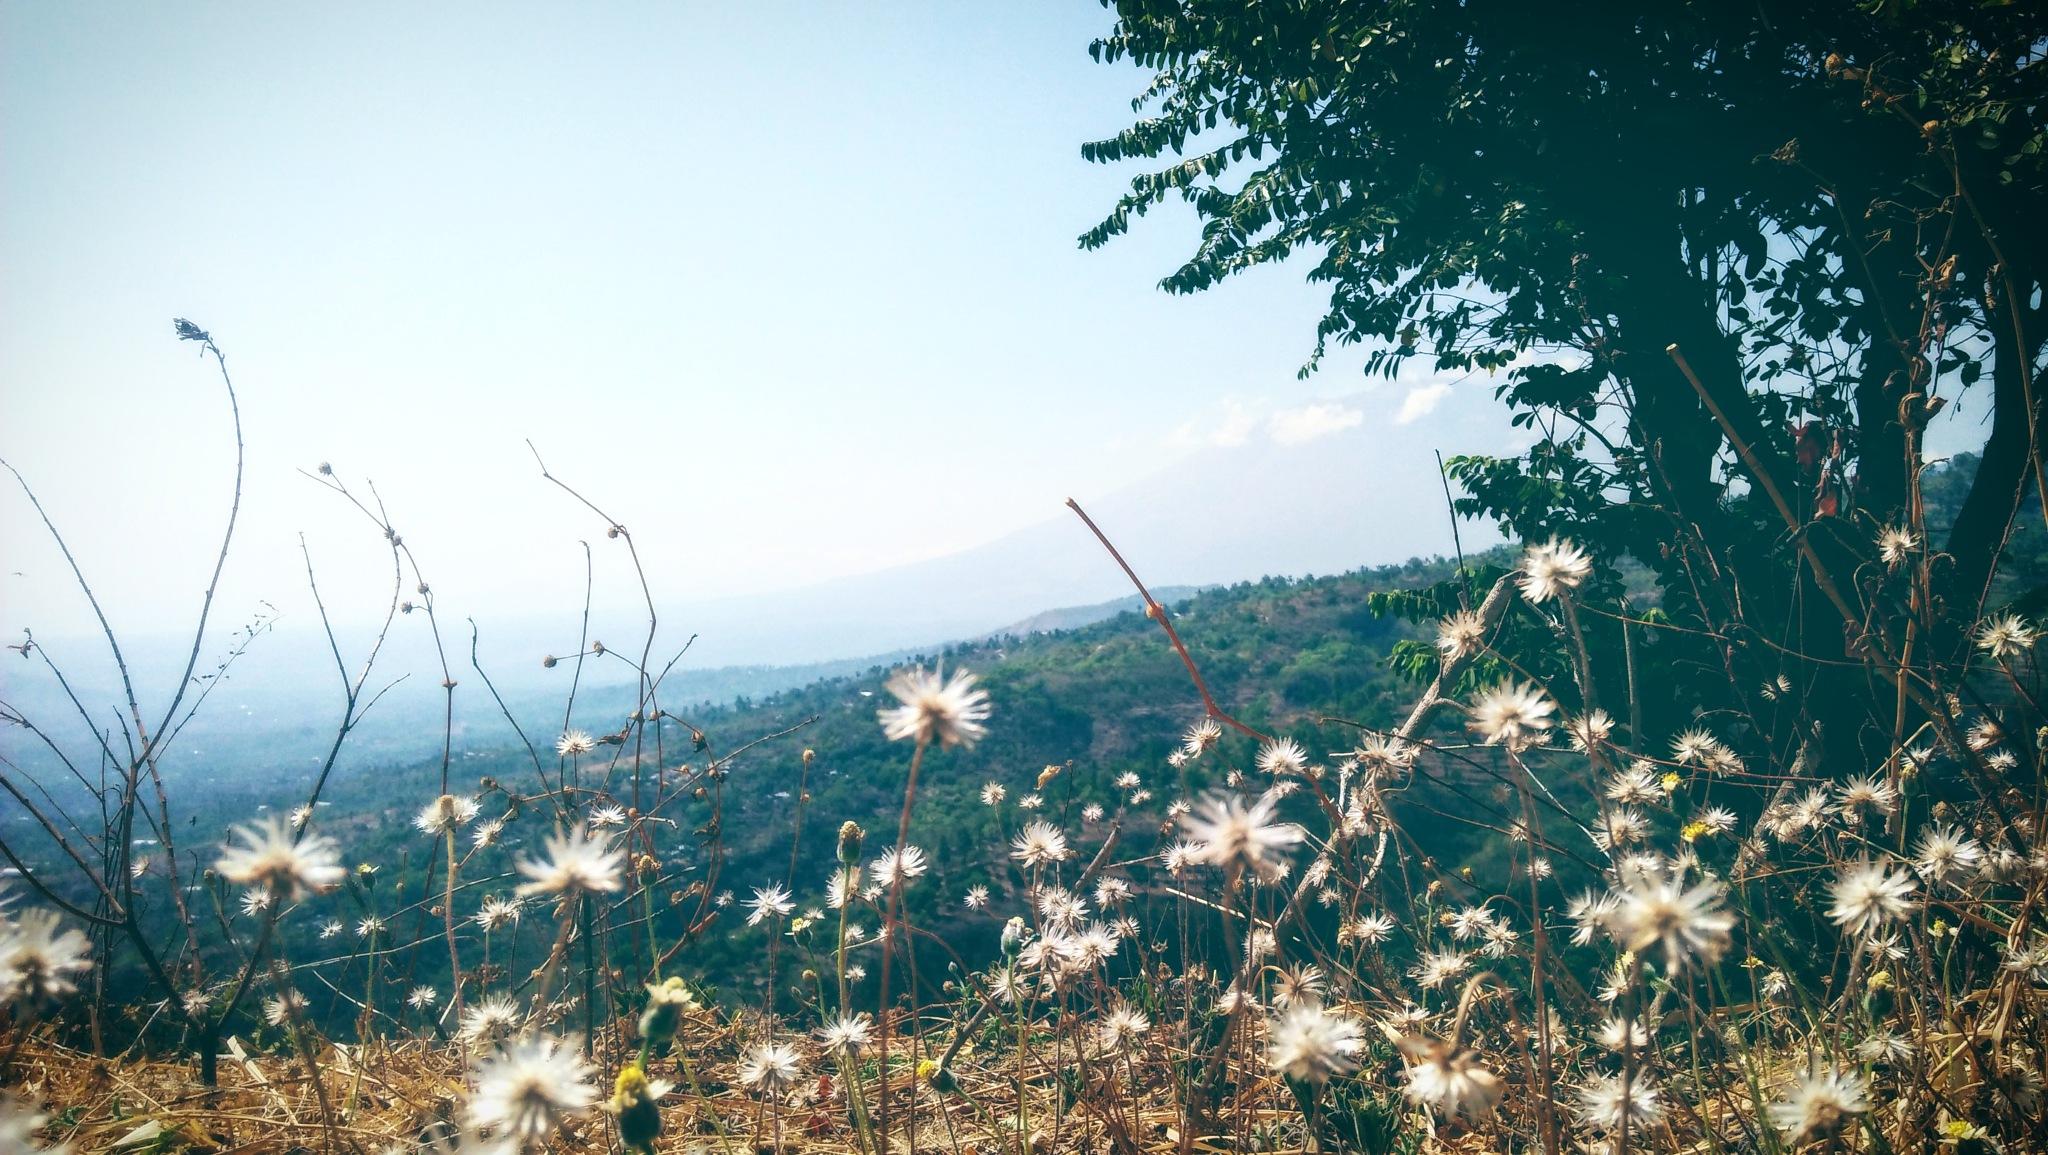 Flowers by Ayu Wiranti